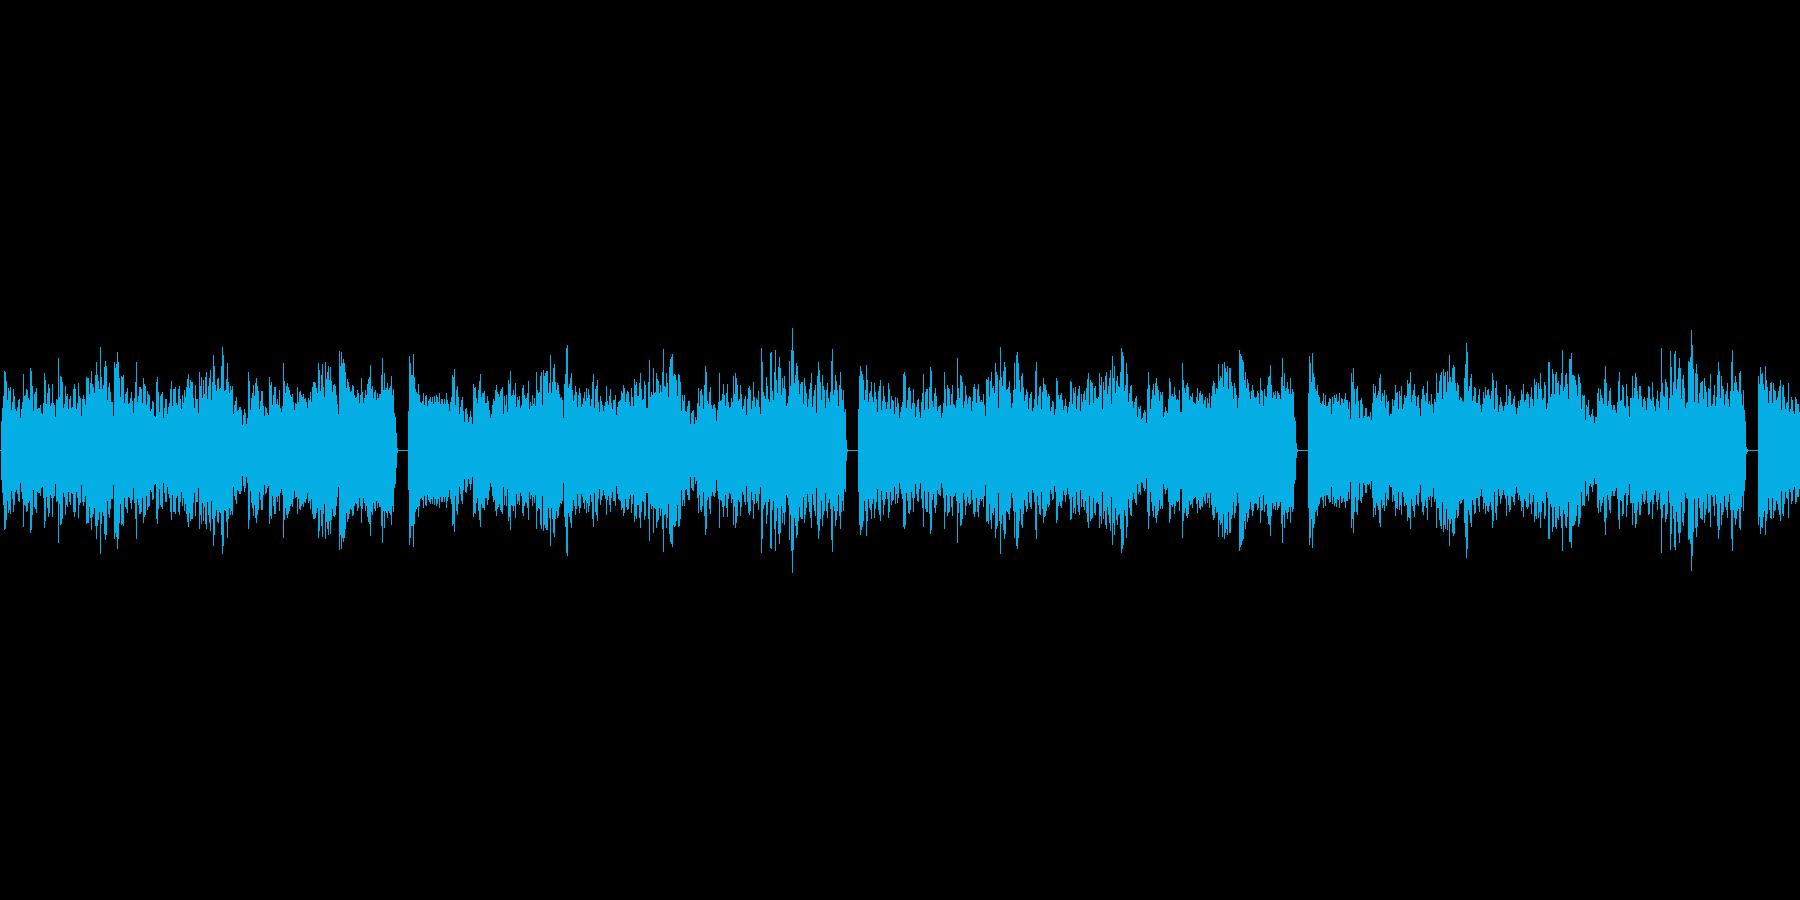 鬱系のループBGMの再生済みの波形